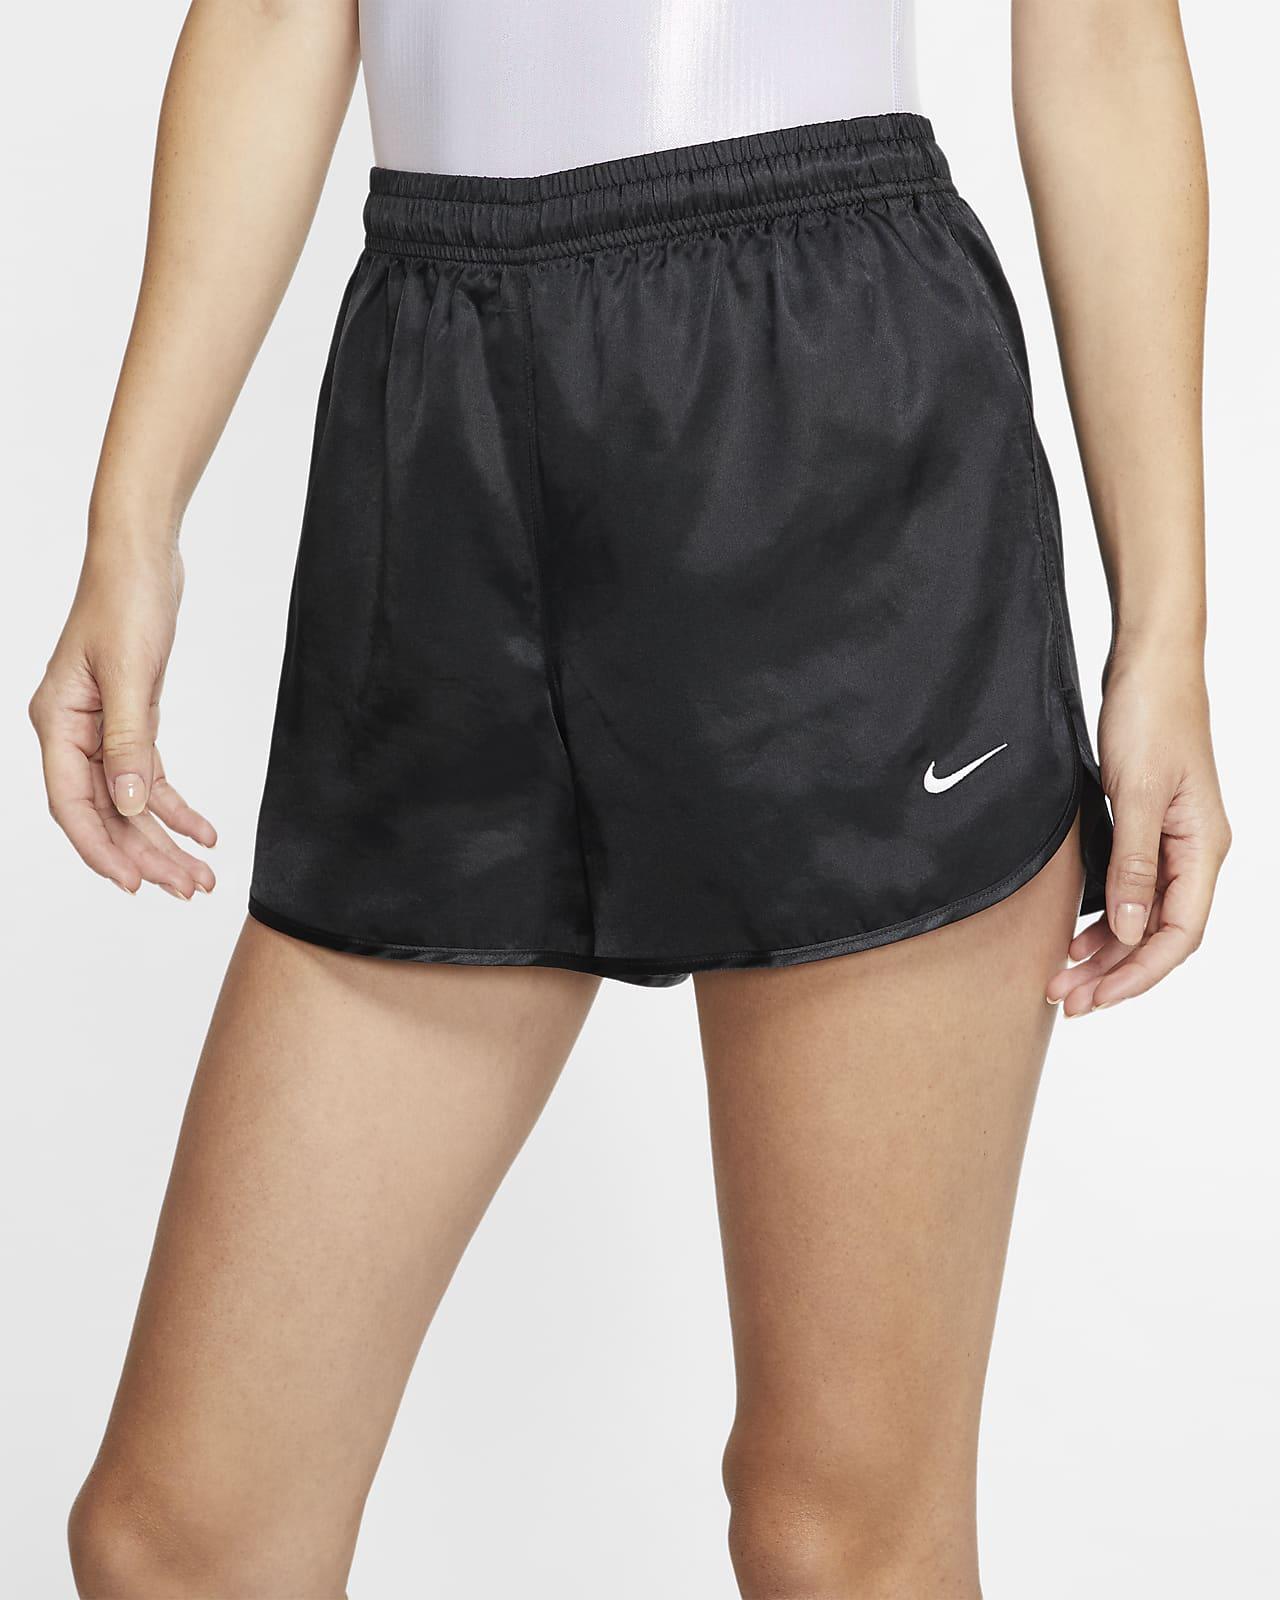 Nike Women's Shorts. Nike SG